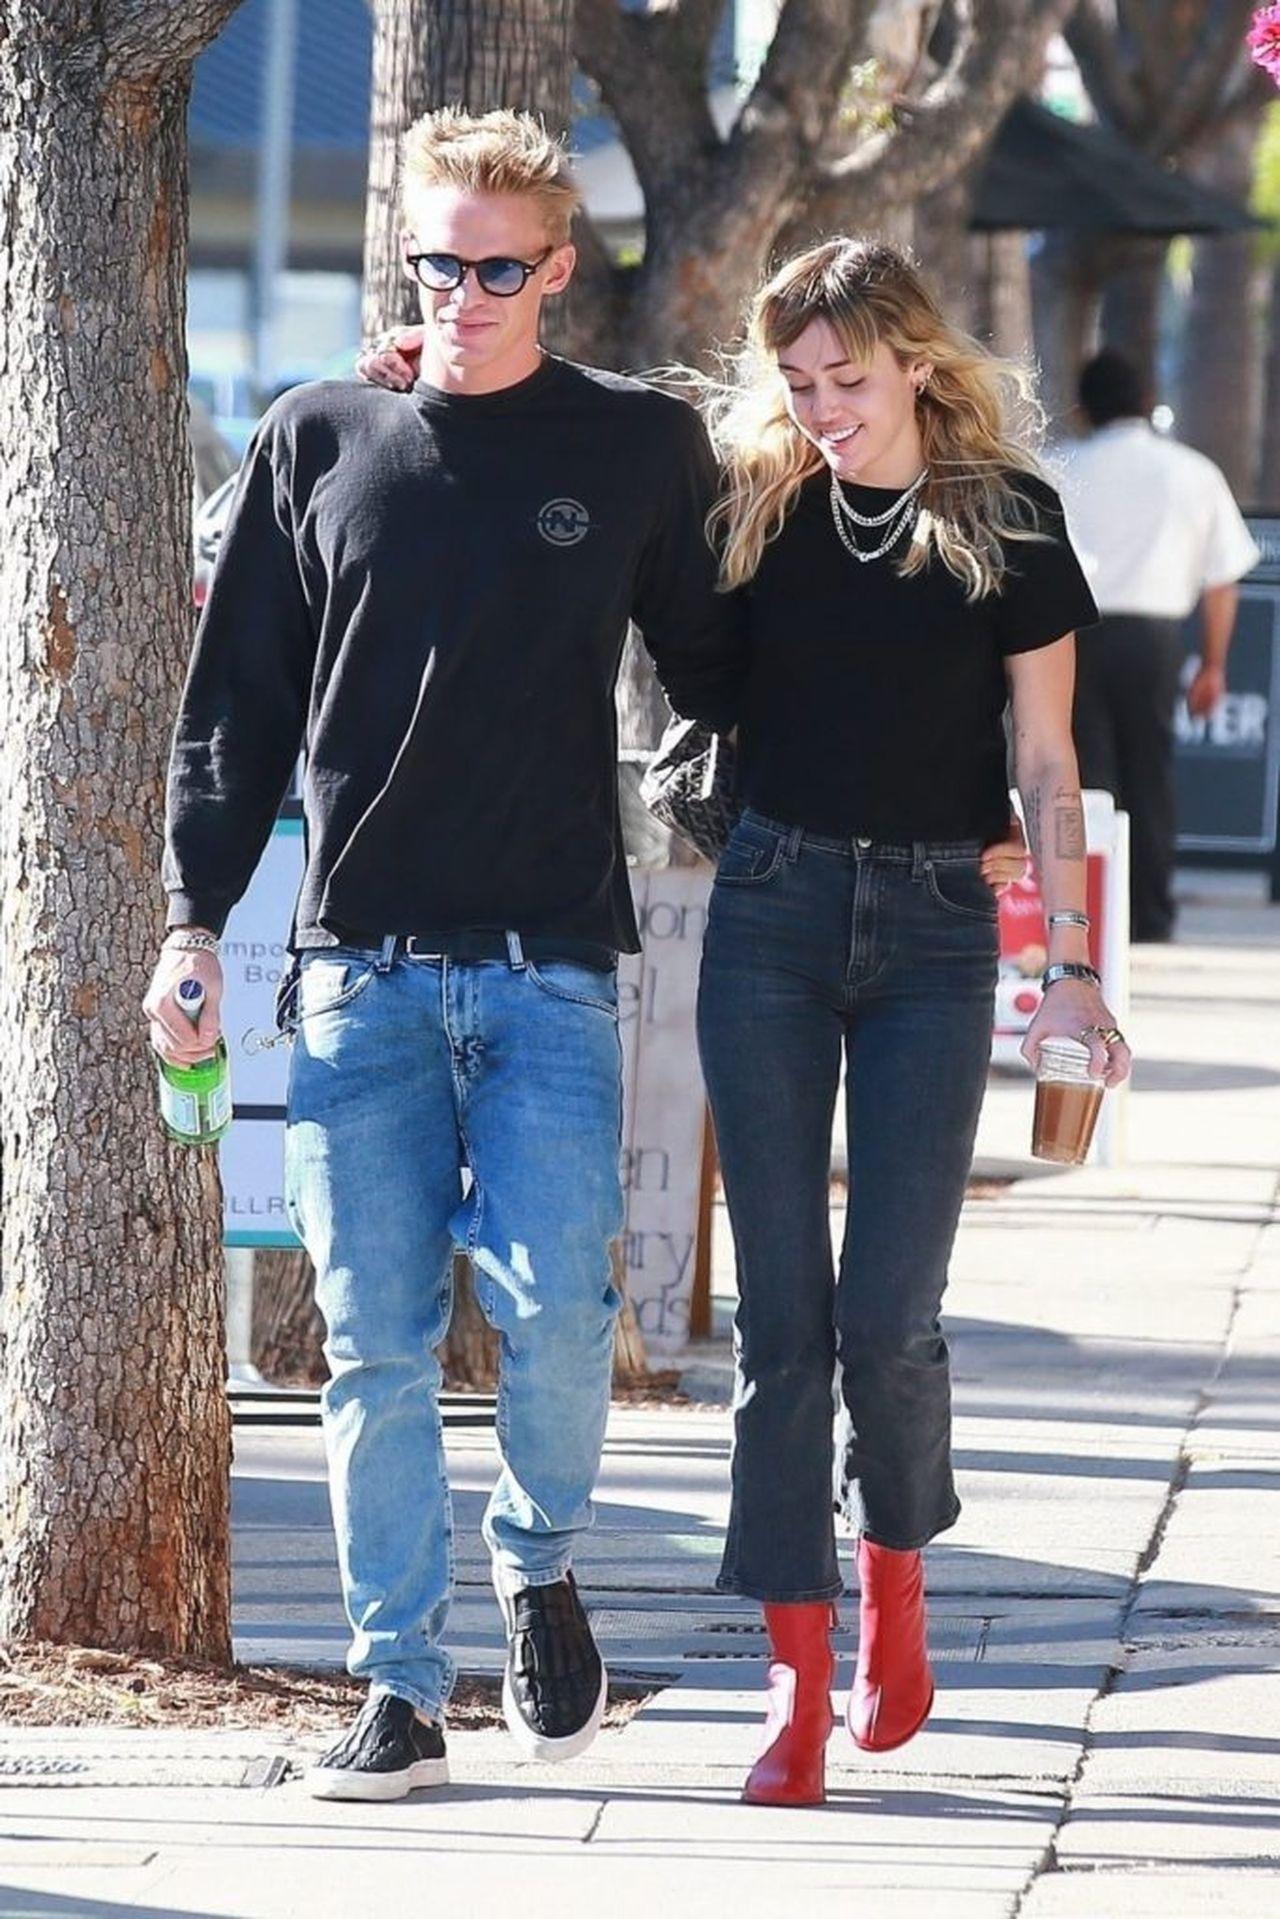 Miley Cyrus i Cody Simpson. Fot. CPR/WAGO / BACKGRID / Backgrid USA / Forum